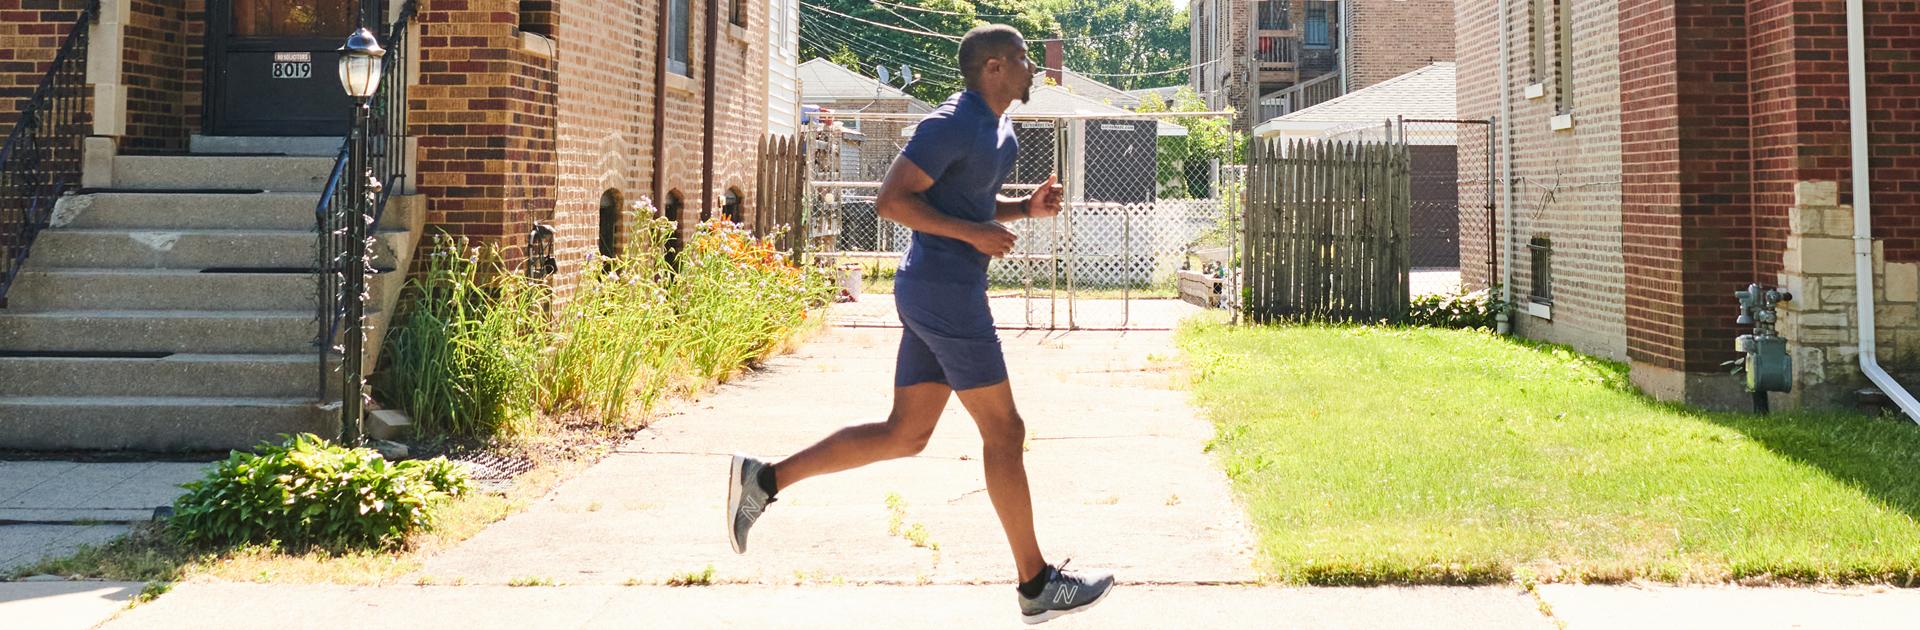 Jahmal Cole jogging on suburban street